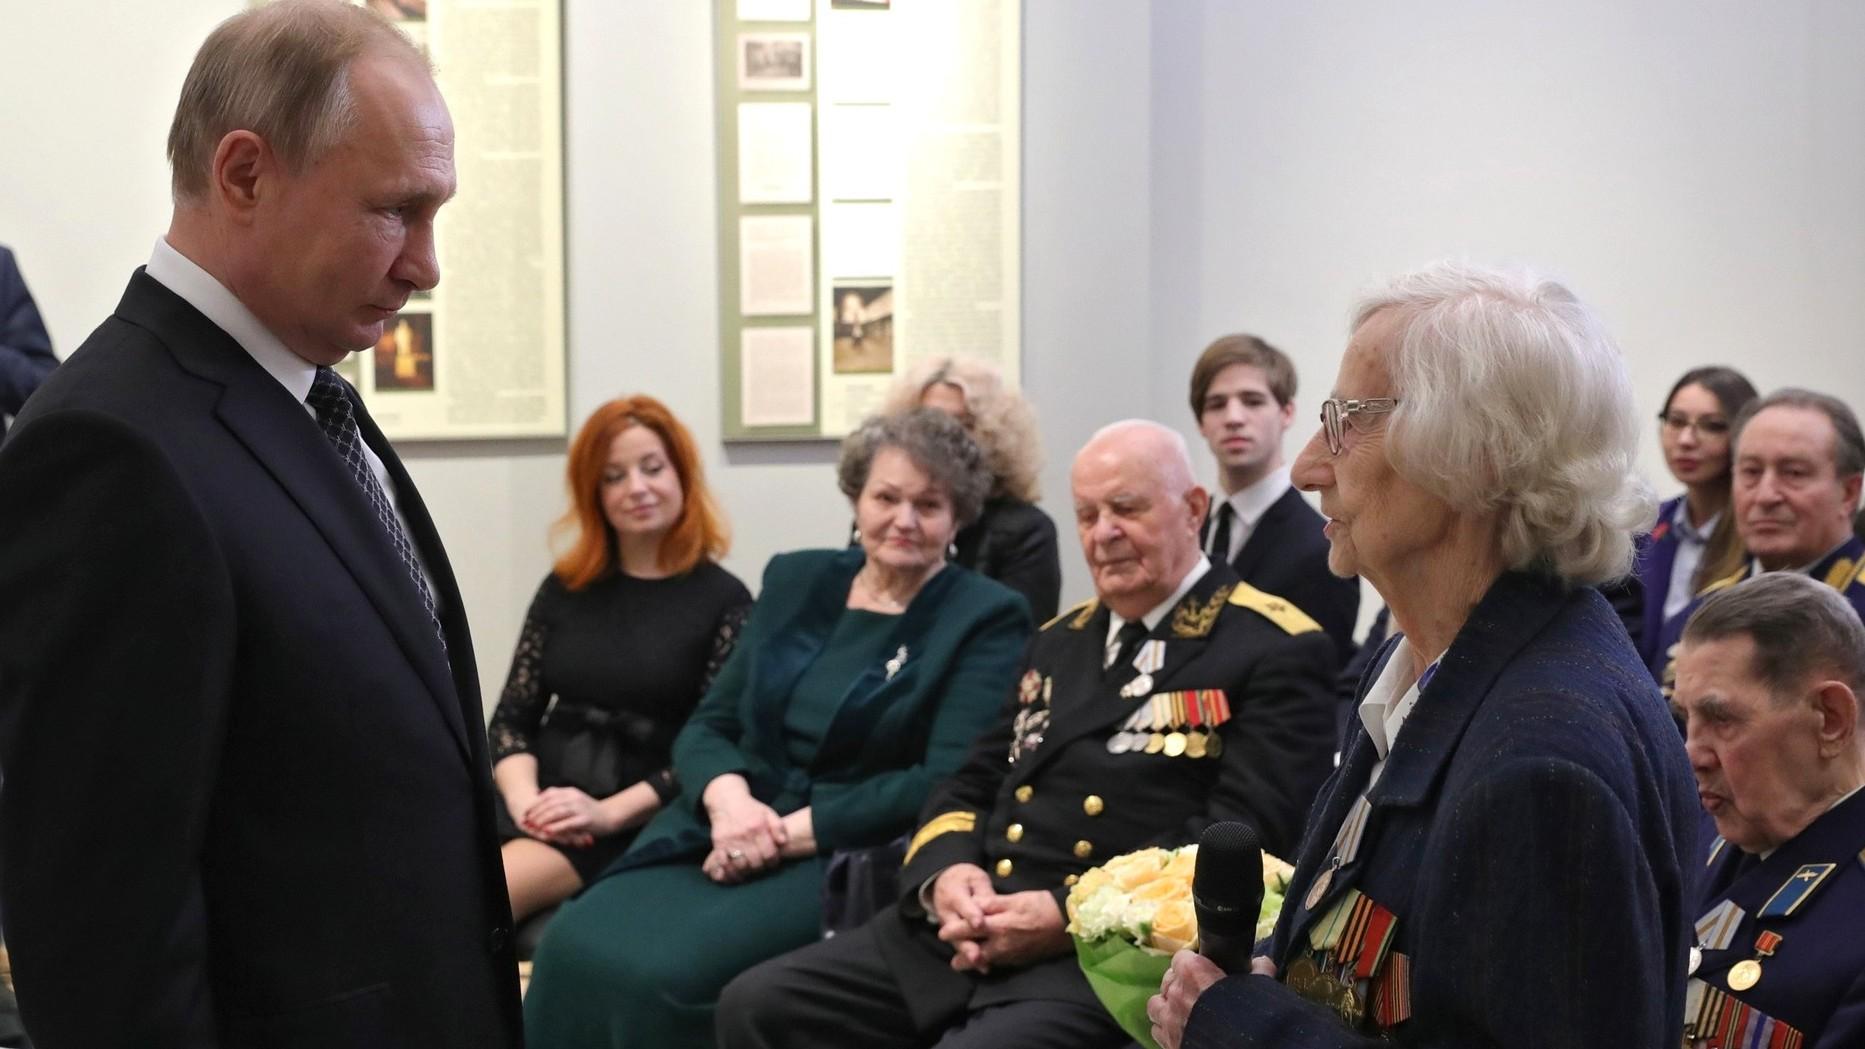 Ветераны получат по 75 тысяч рублей к юбилею Победы по распоряжению Владимира Путина